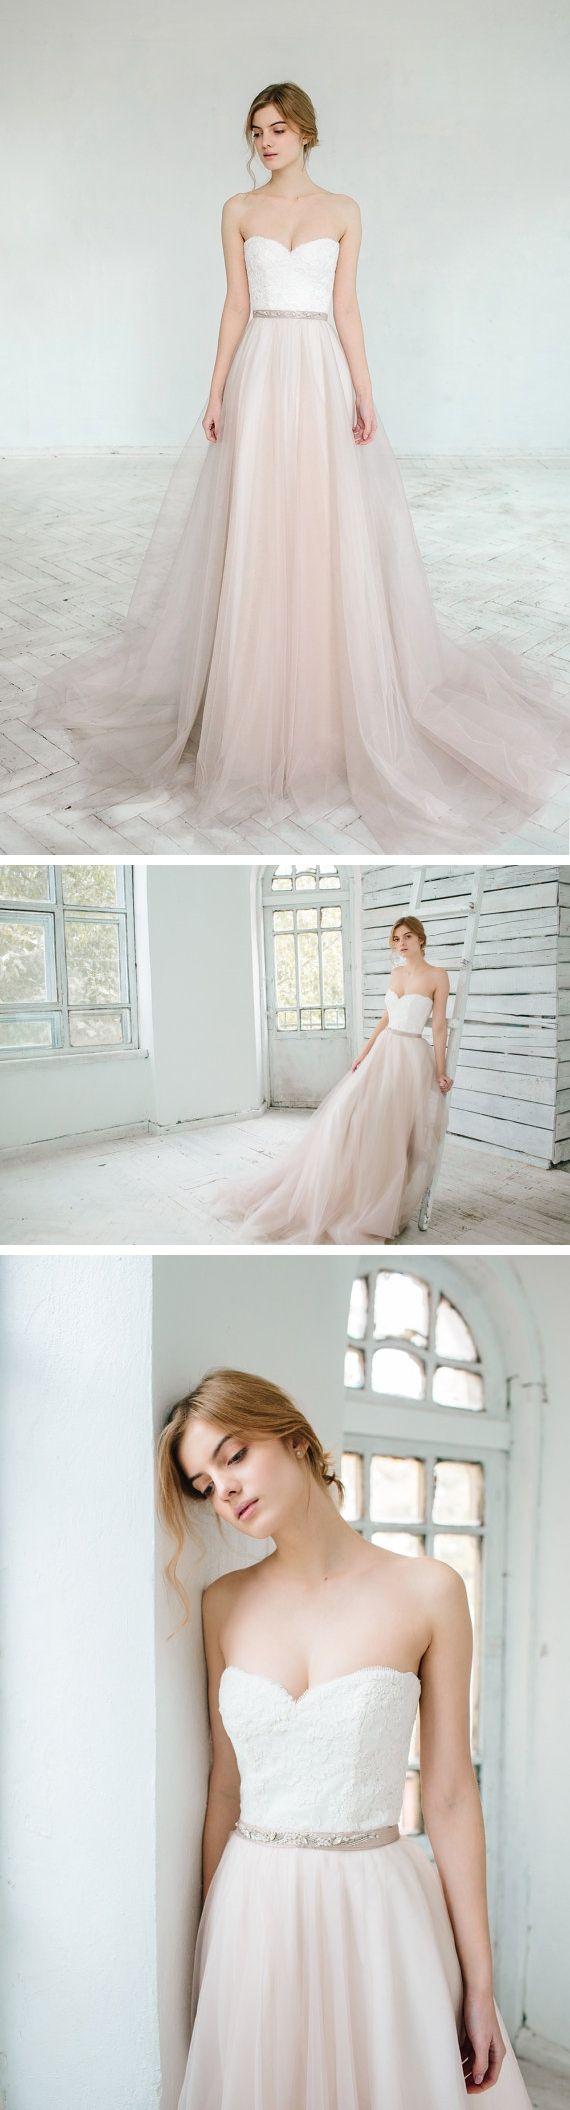 Simple off white wedding dresses  Wedding Dress Of The Week  A Blushing Bride  MAG u O wedding